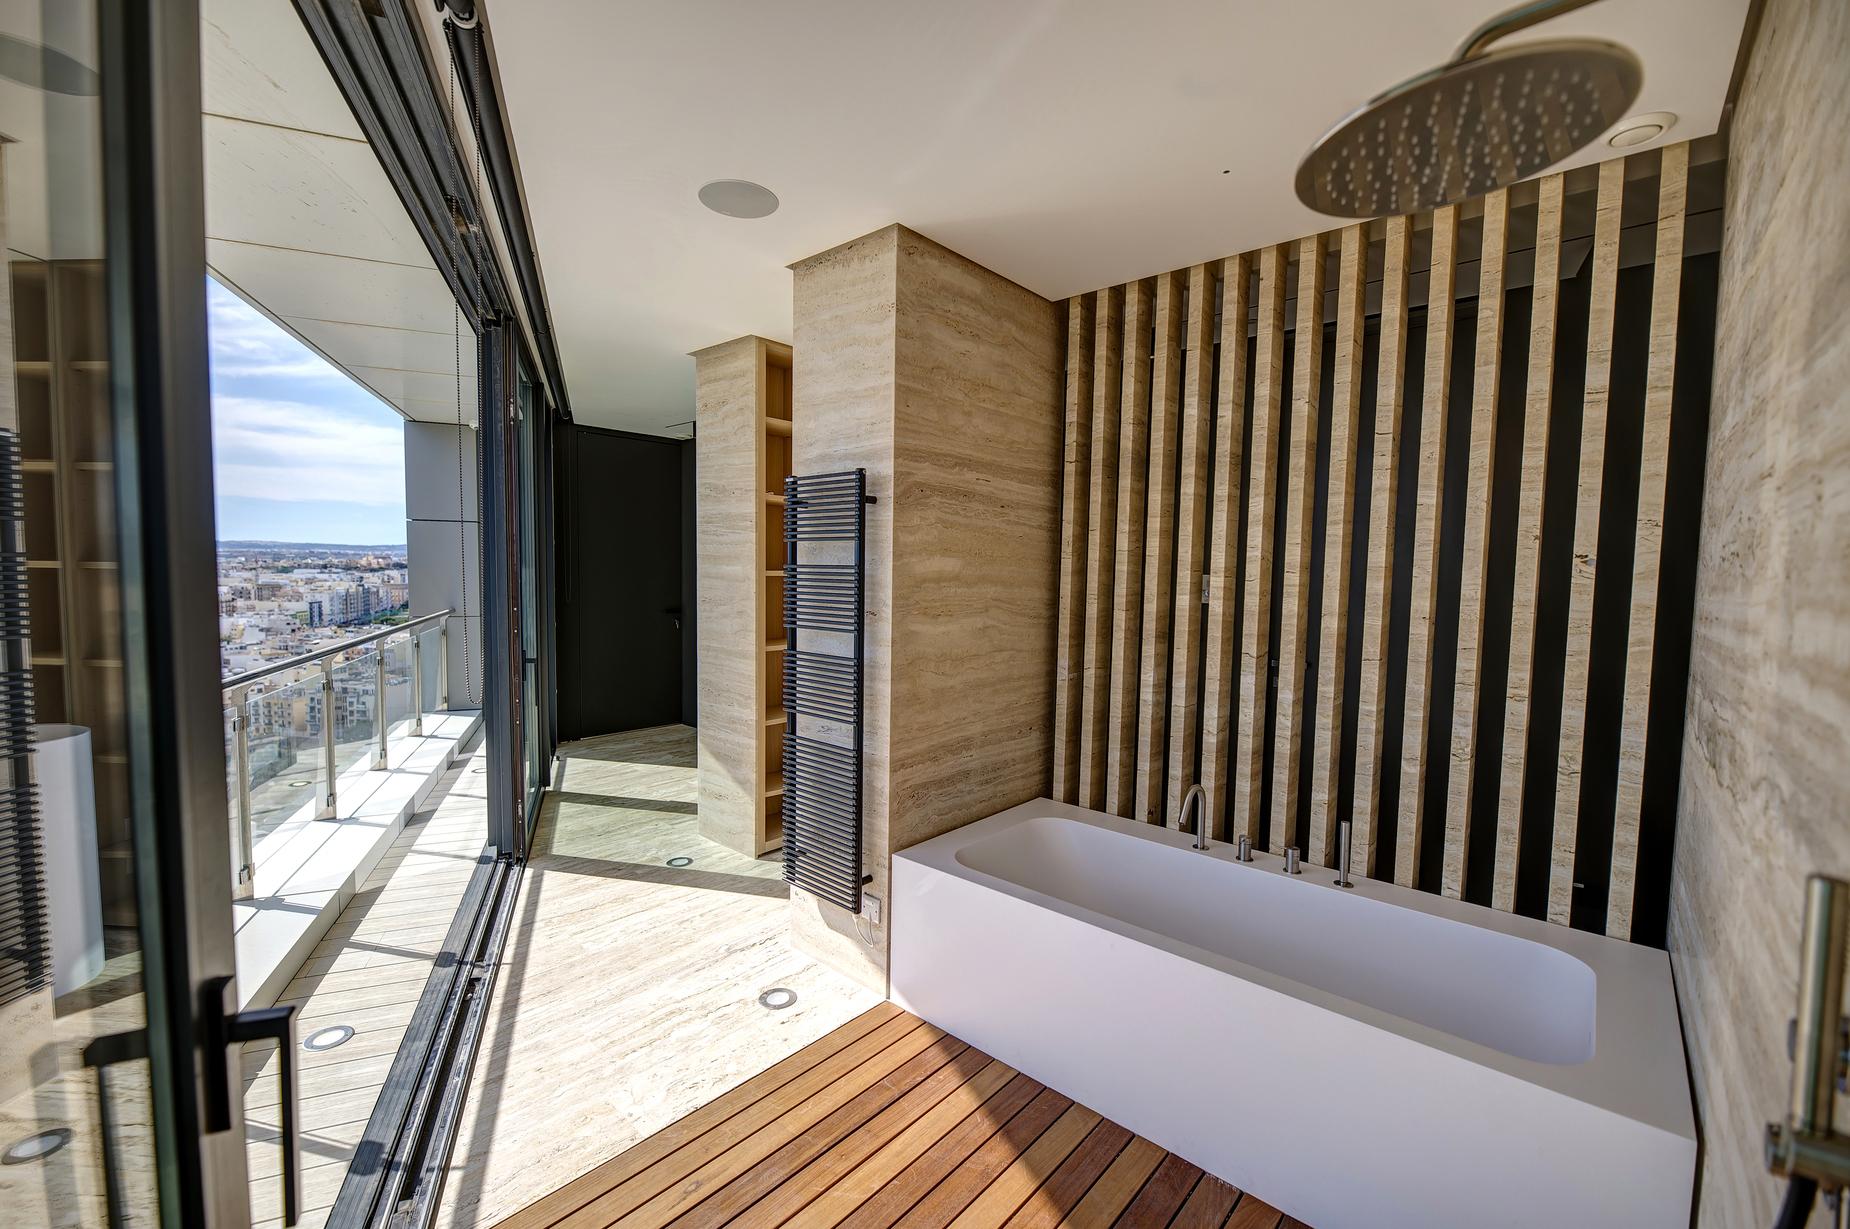 3 bed Apartment For Sale in Gzira, Gzira - thumb 23